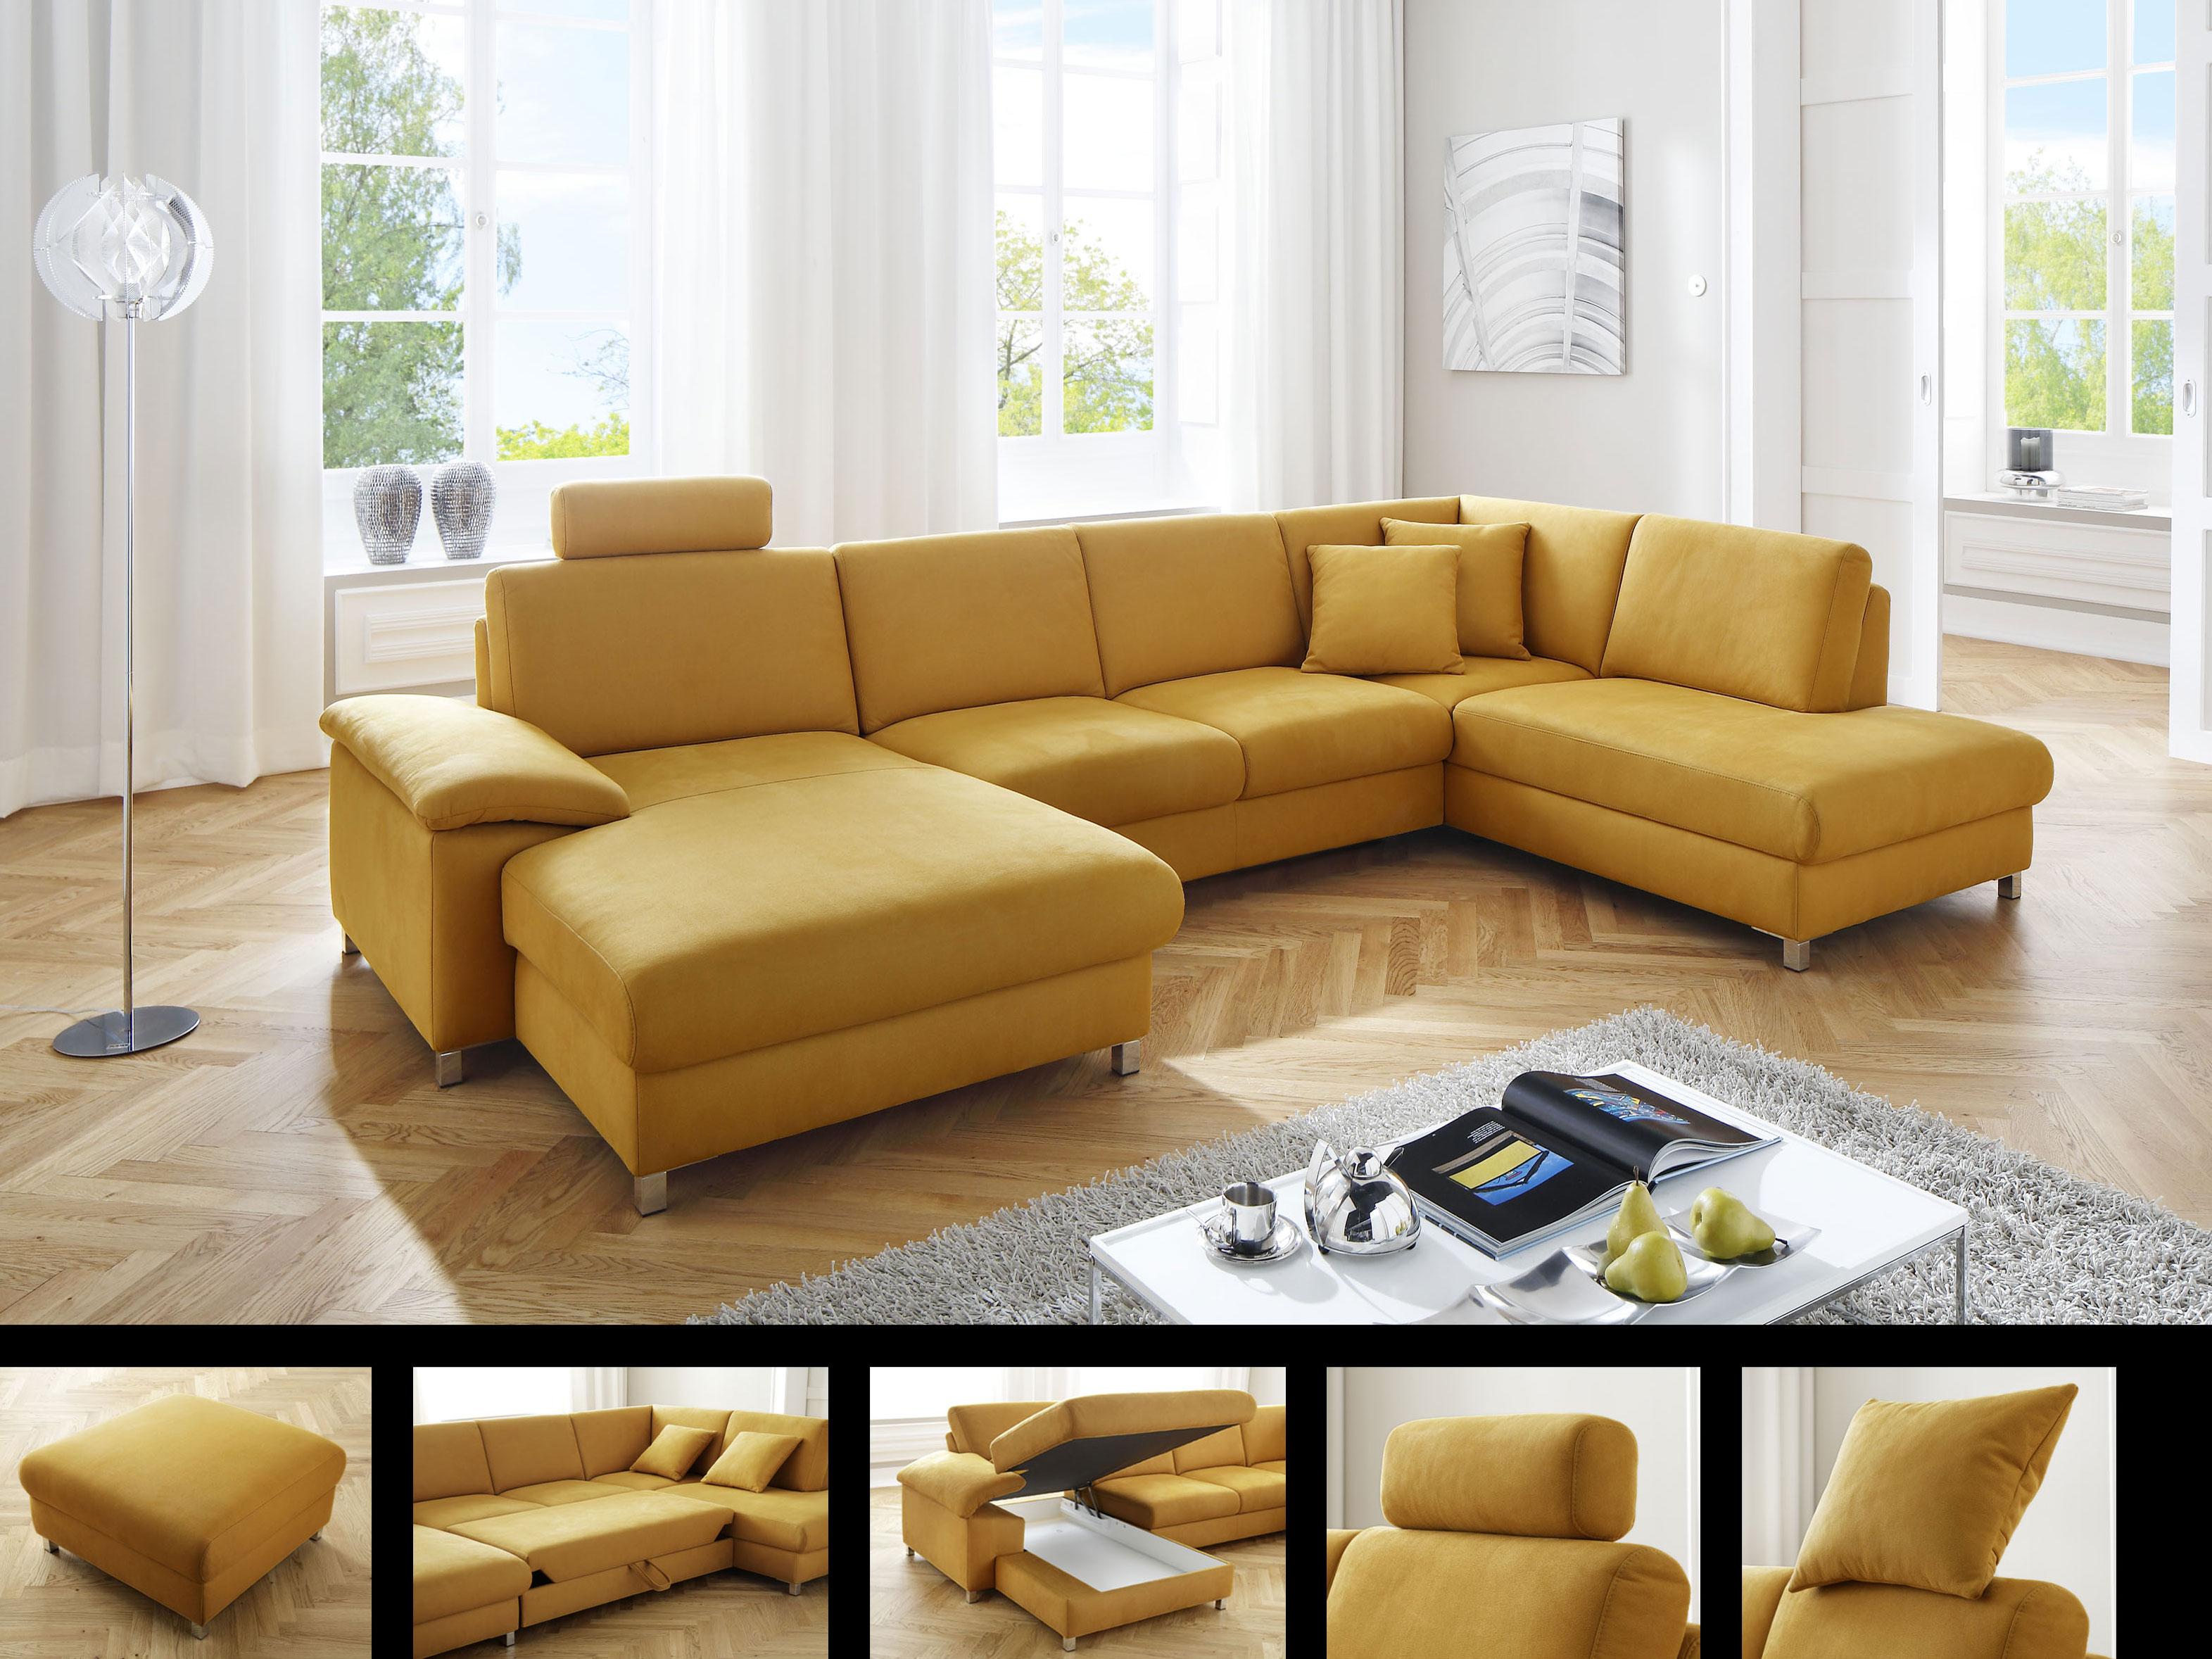 Sofa Wohnzimmer, candy loreno wohnlandschaft sofa longchair + 2-sitzer + umbauecke, Design ideen